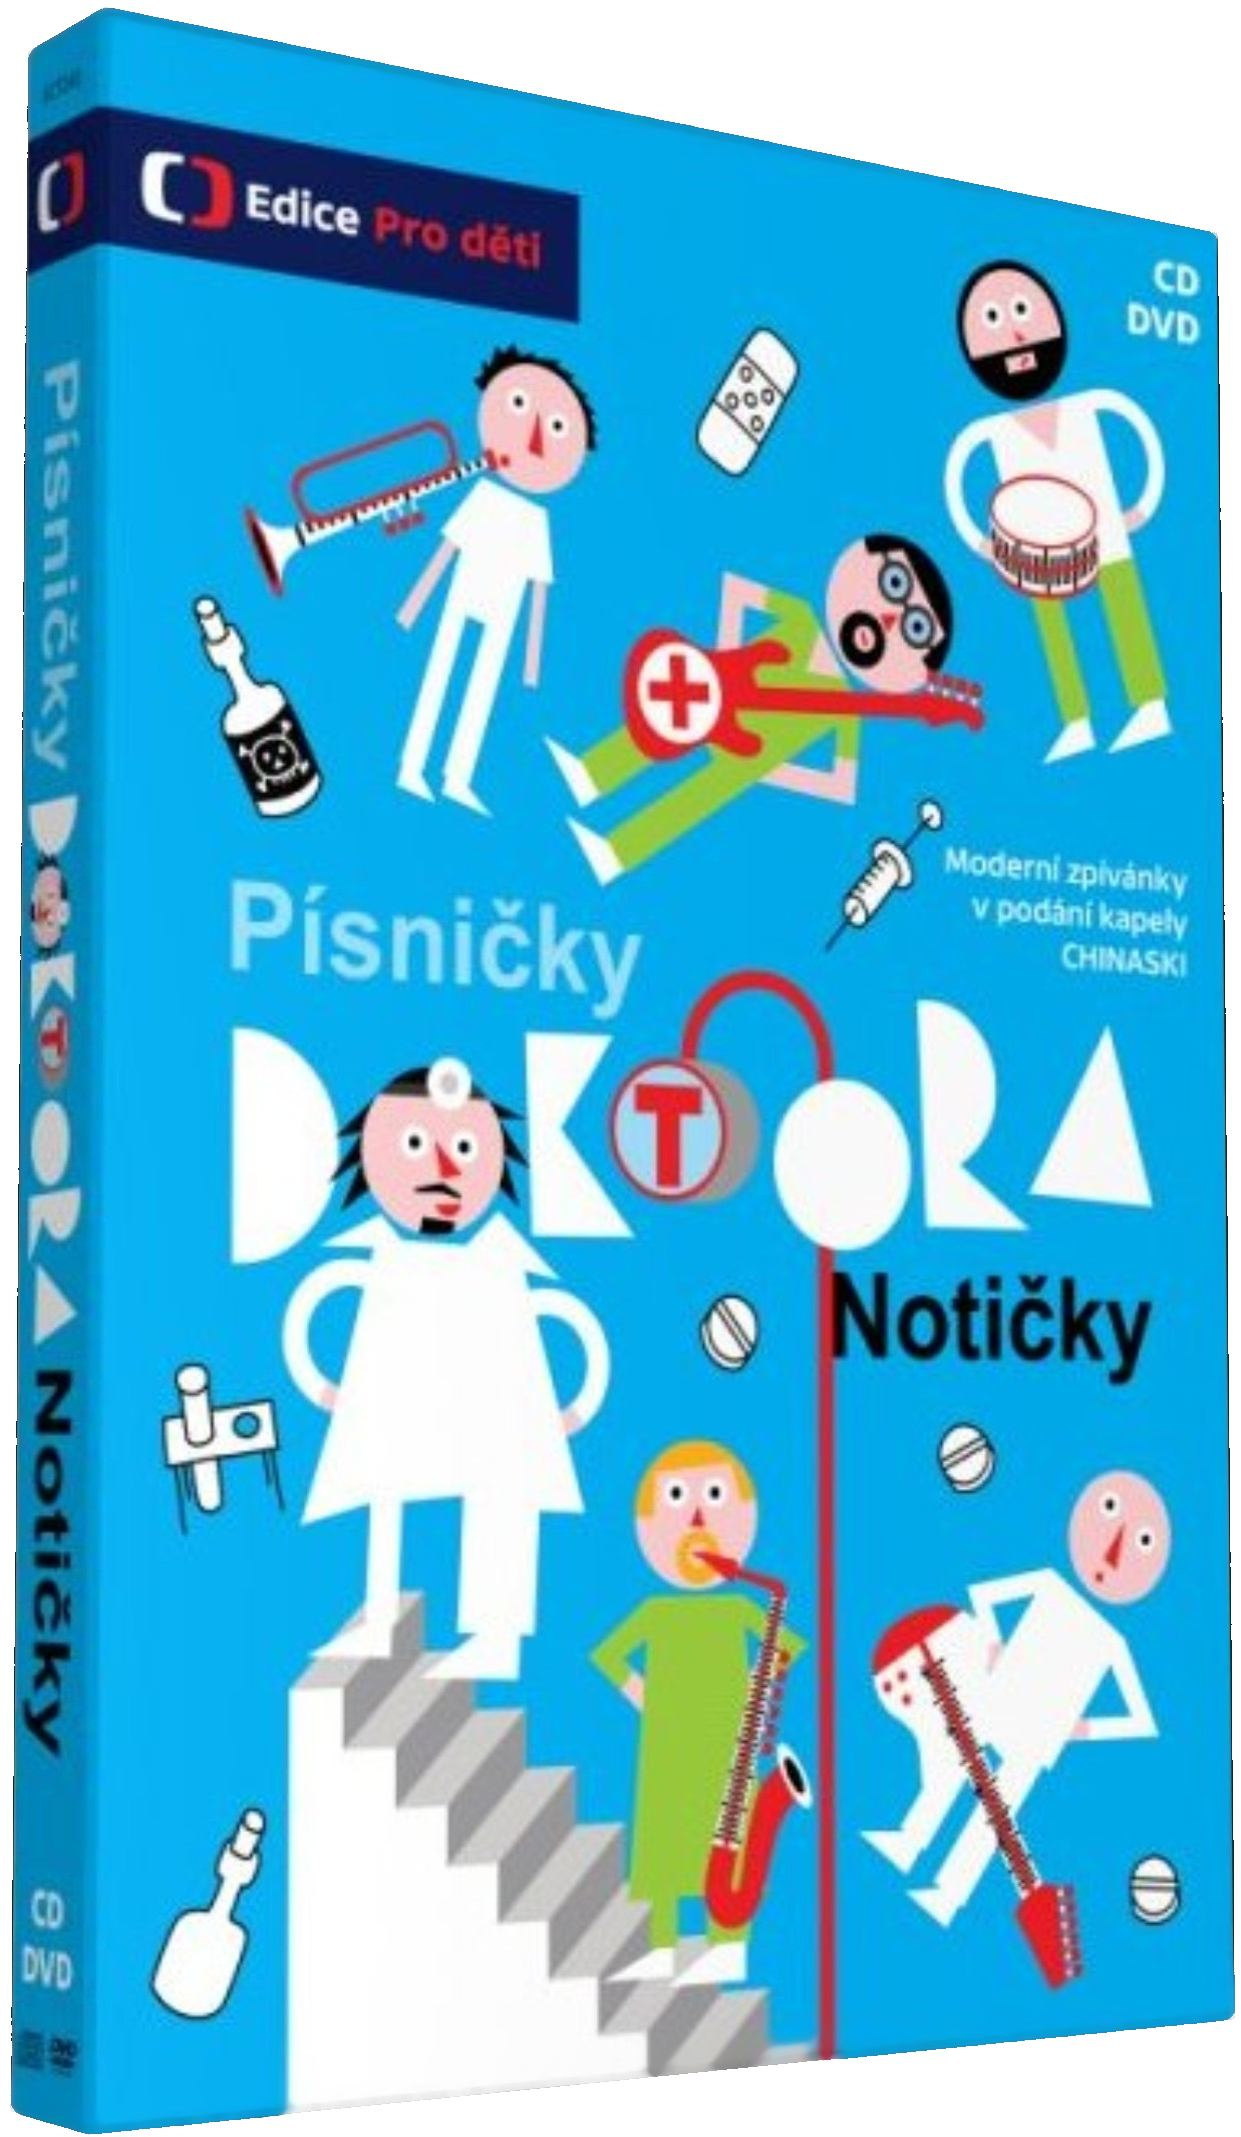 PÍSNIČKY DOKTORA NOTIČKY - DVD + CD